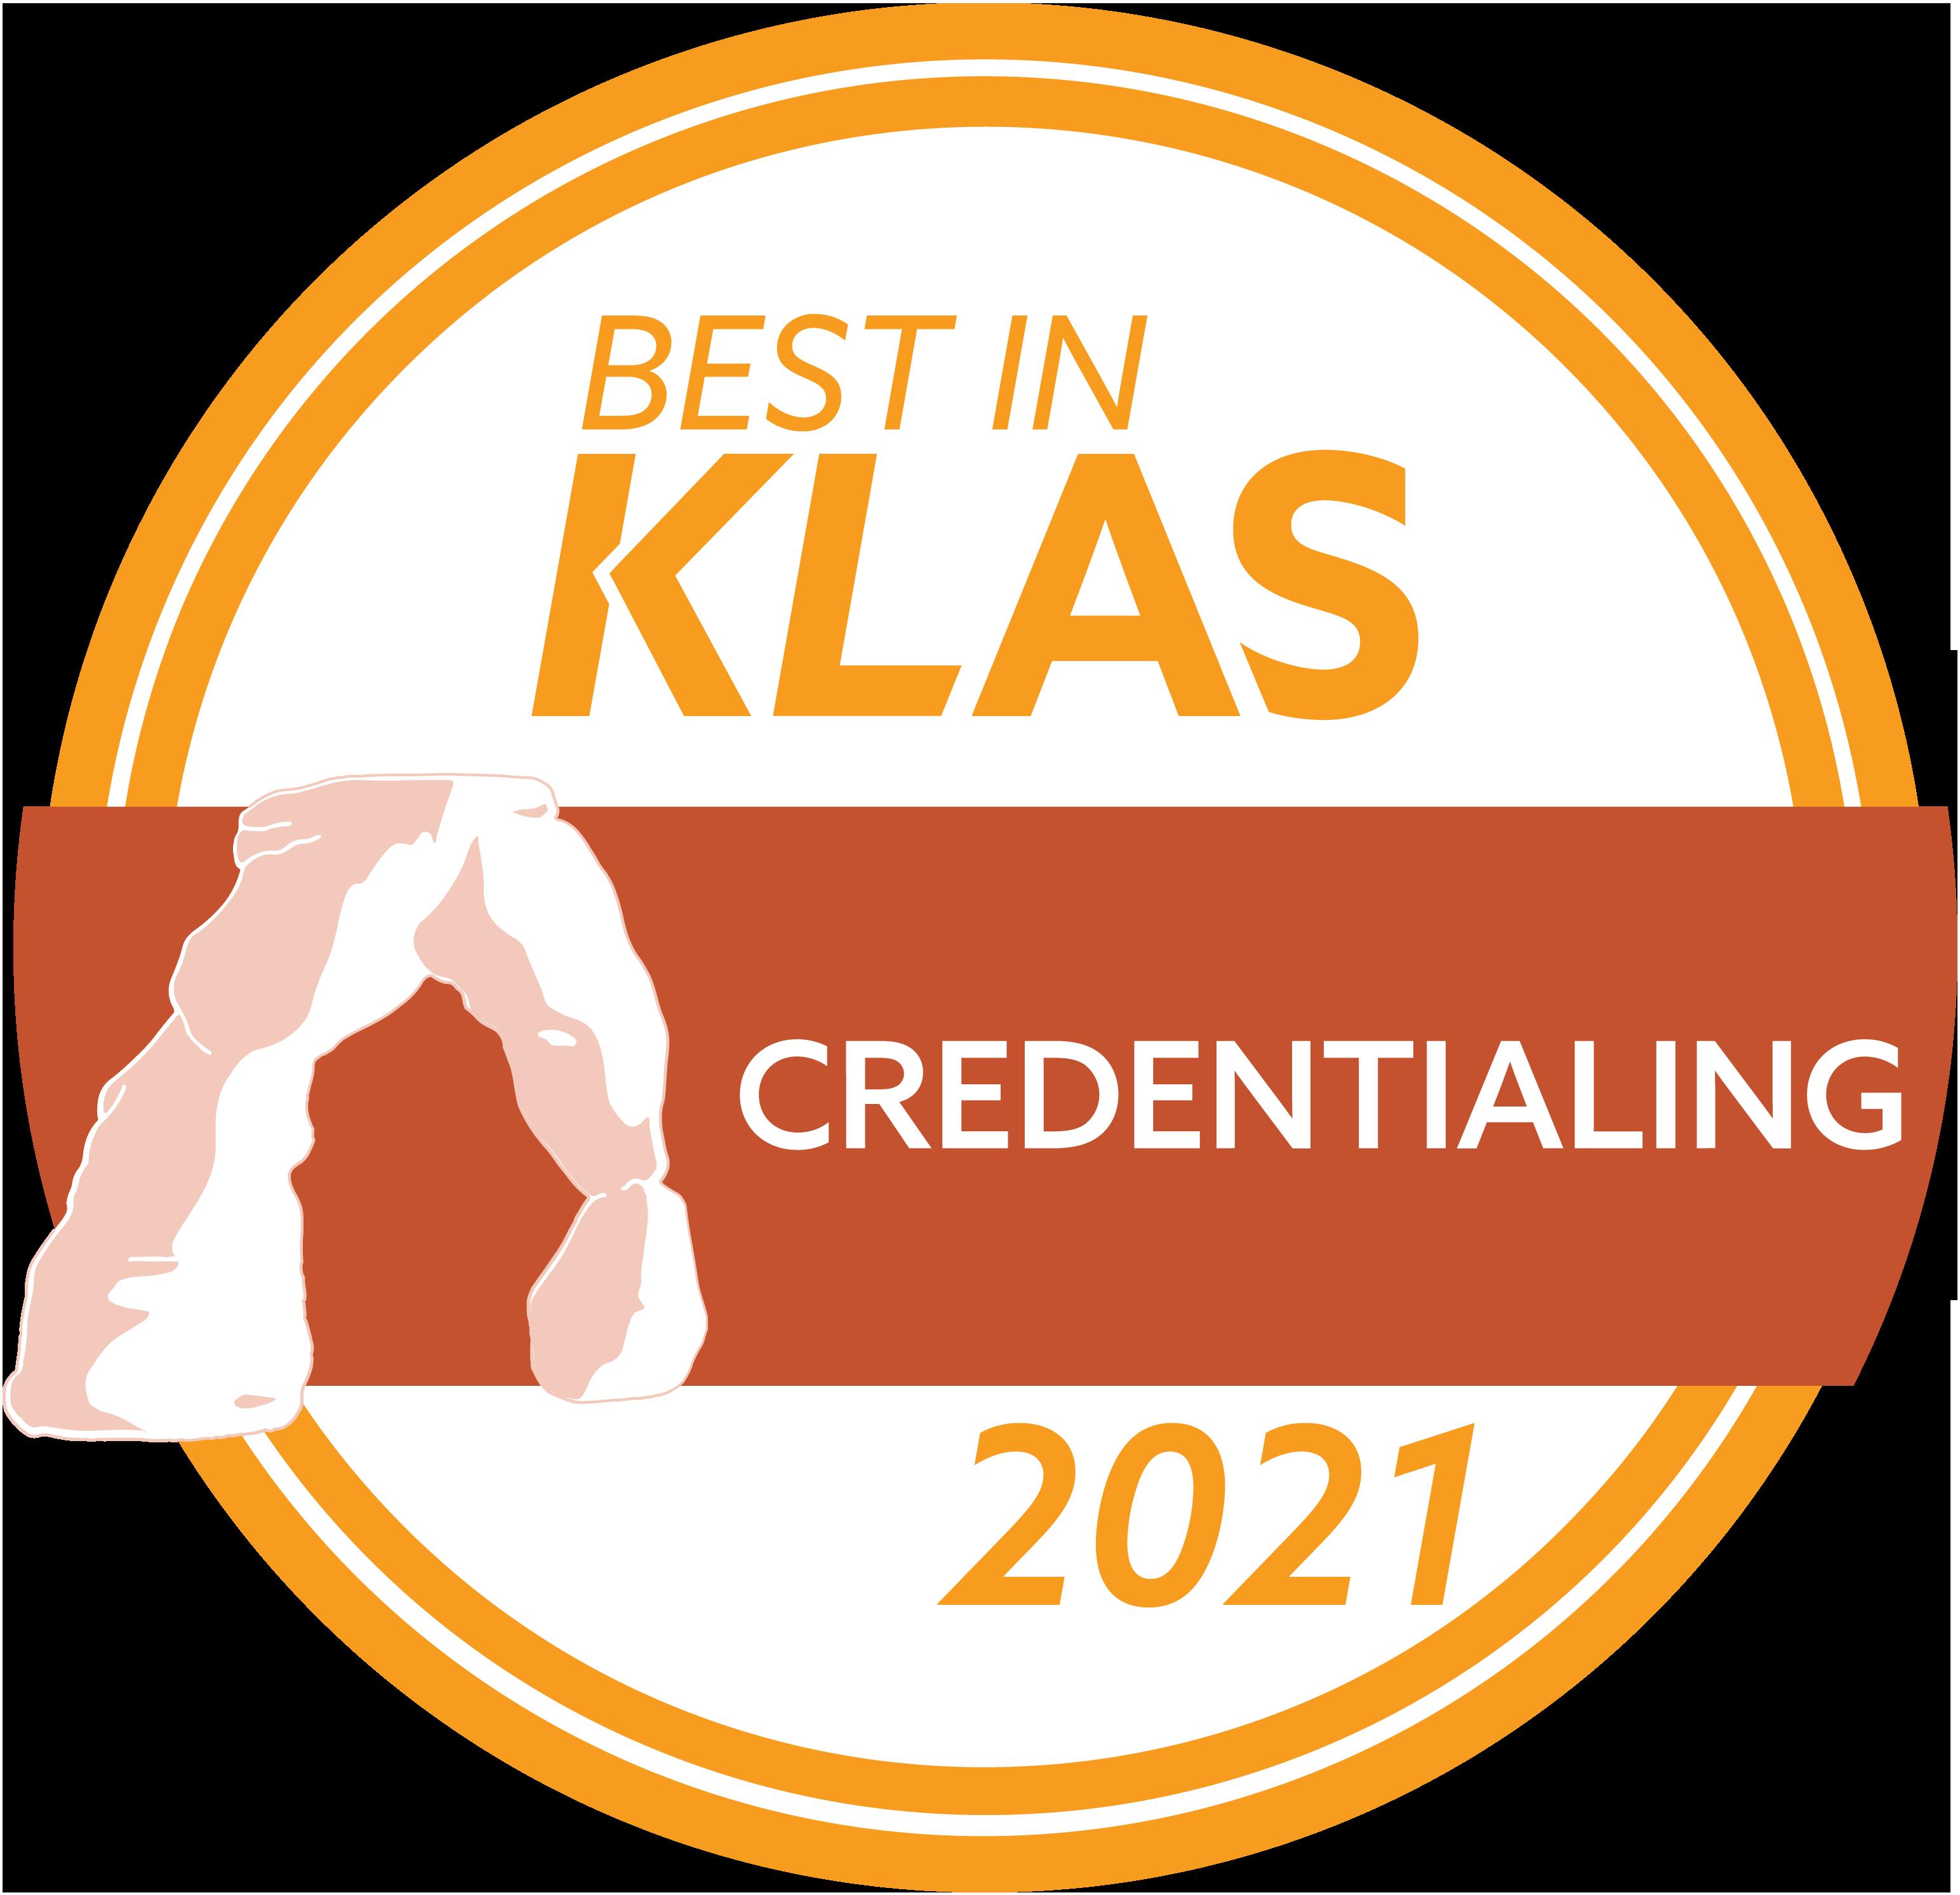 2021 Best in Klas